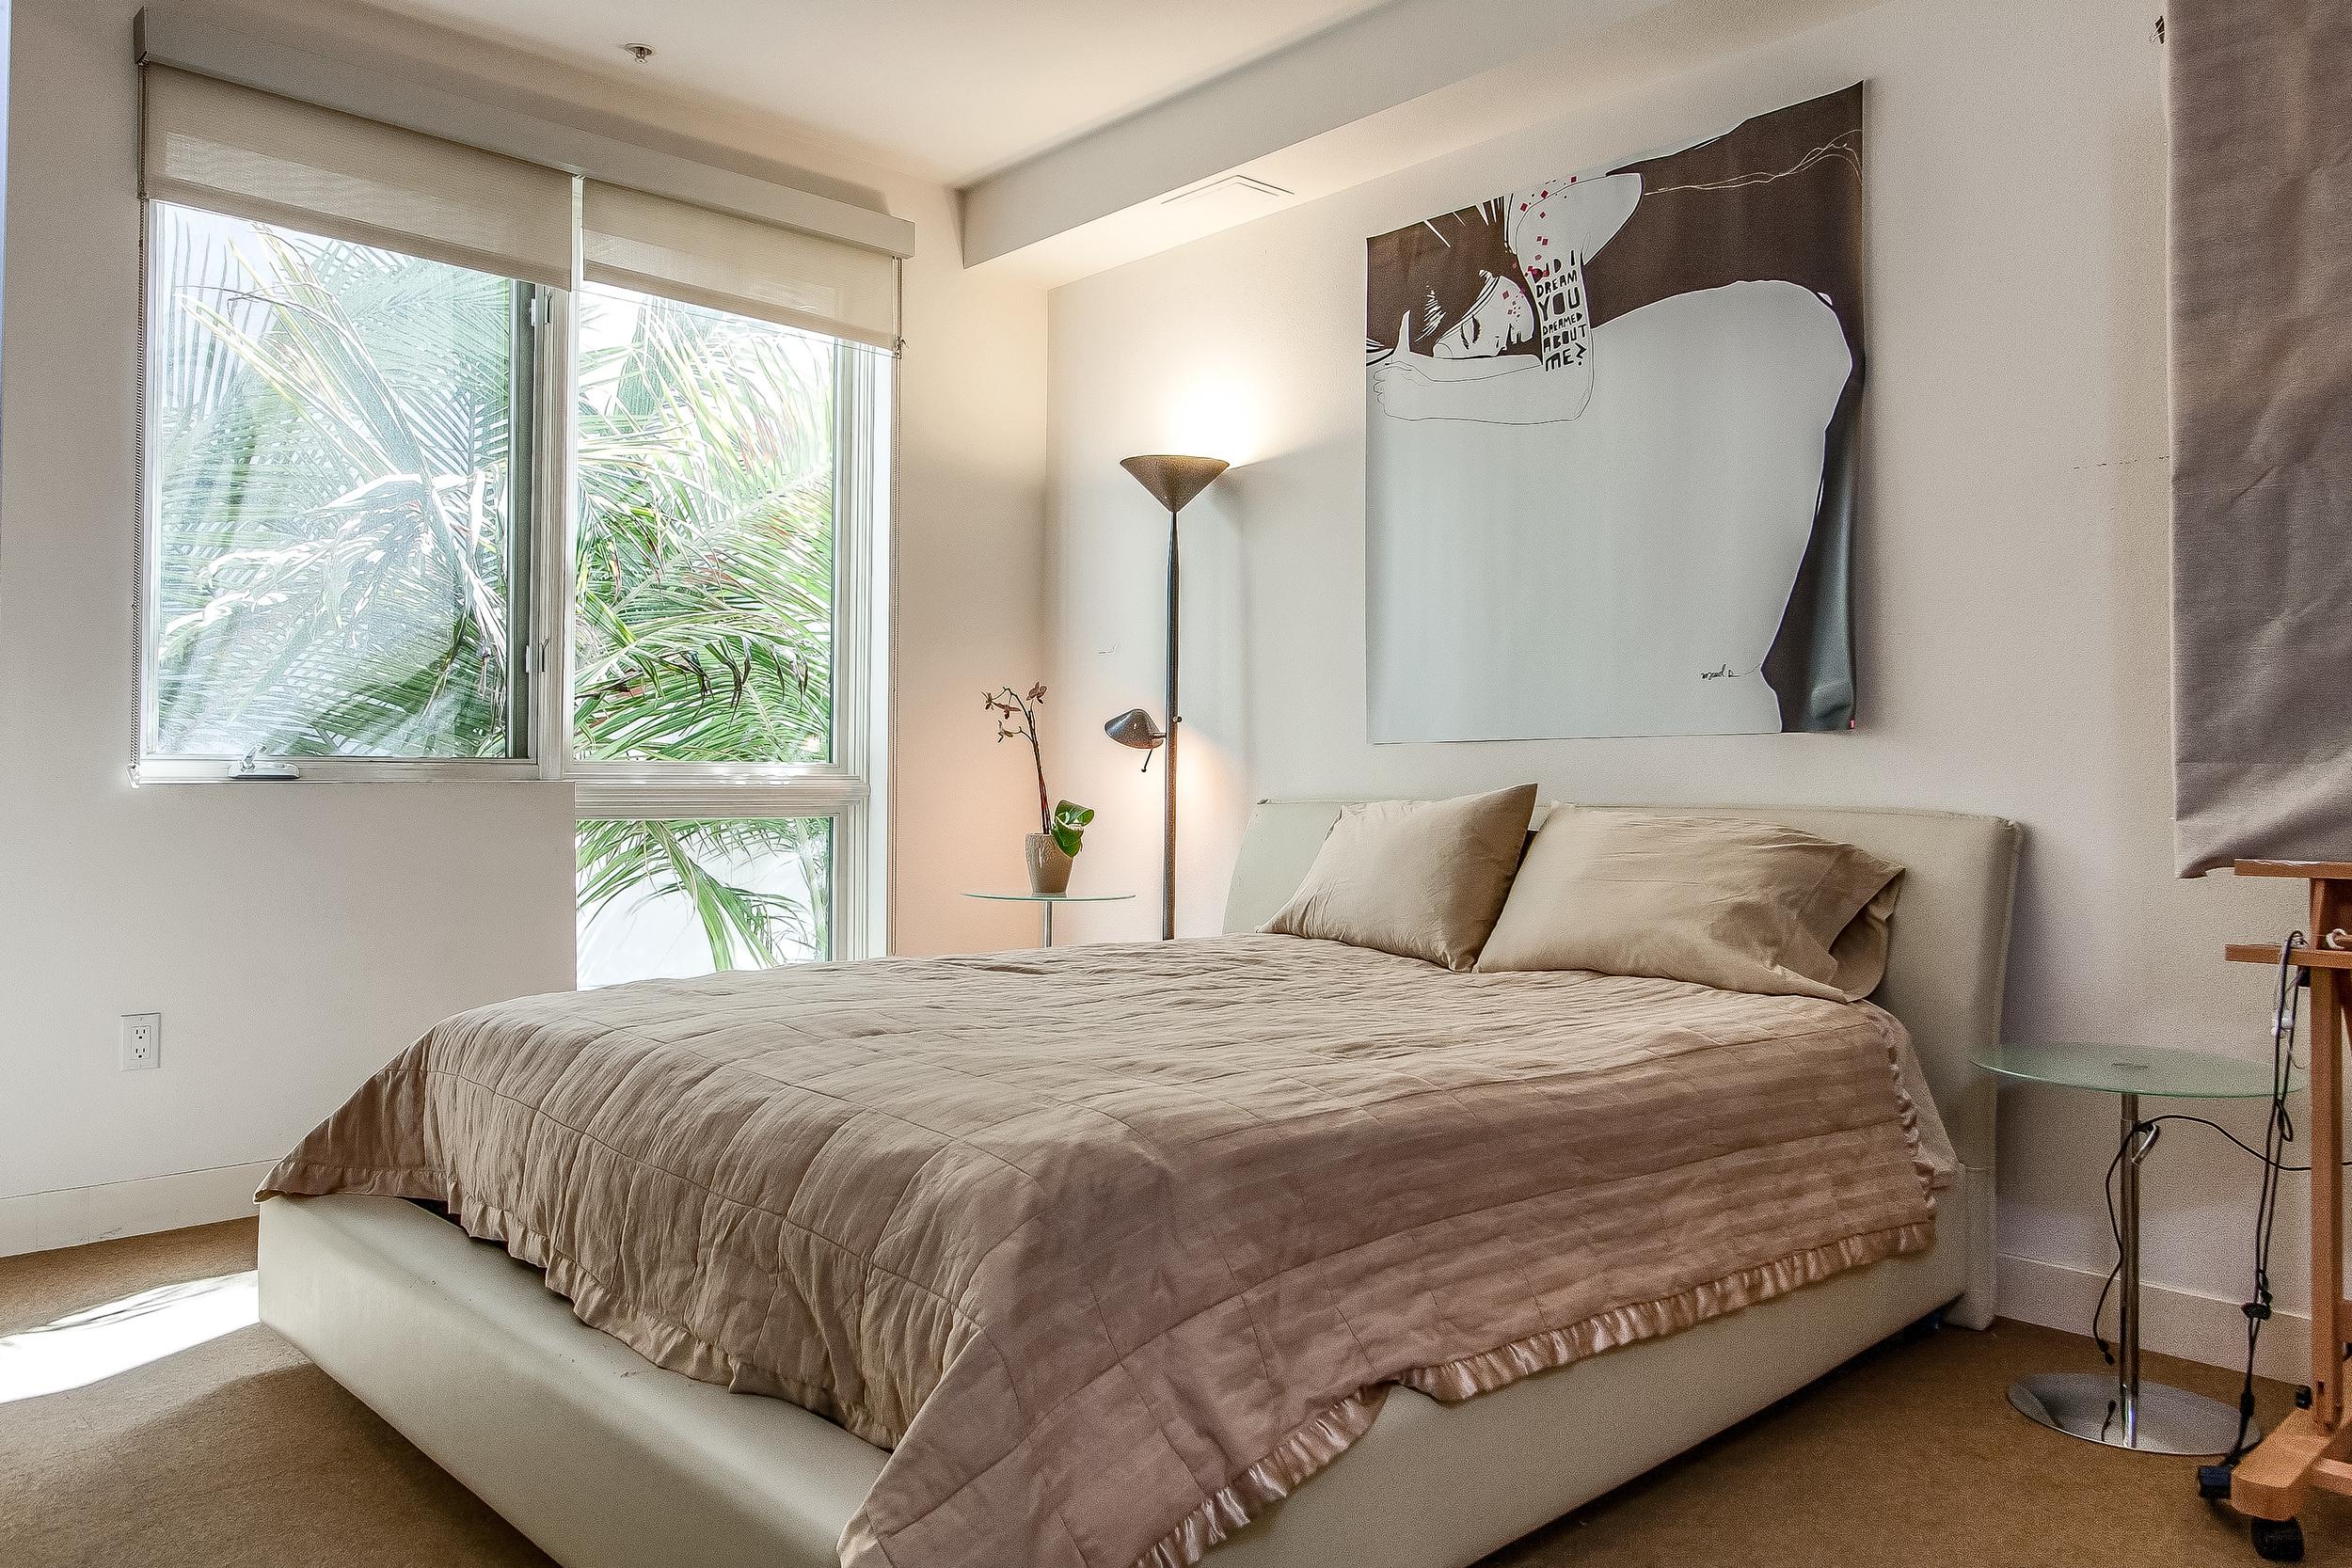 008-Bedroom-637019-large.jpg